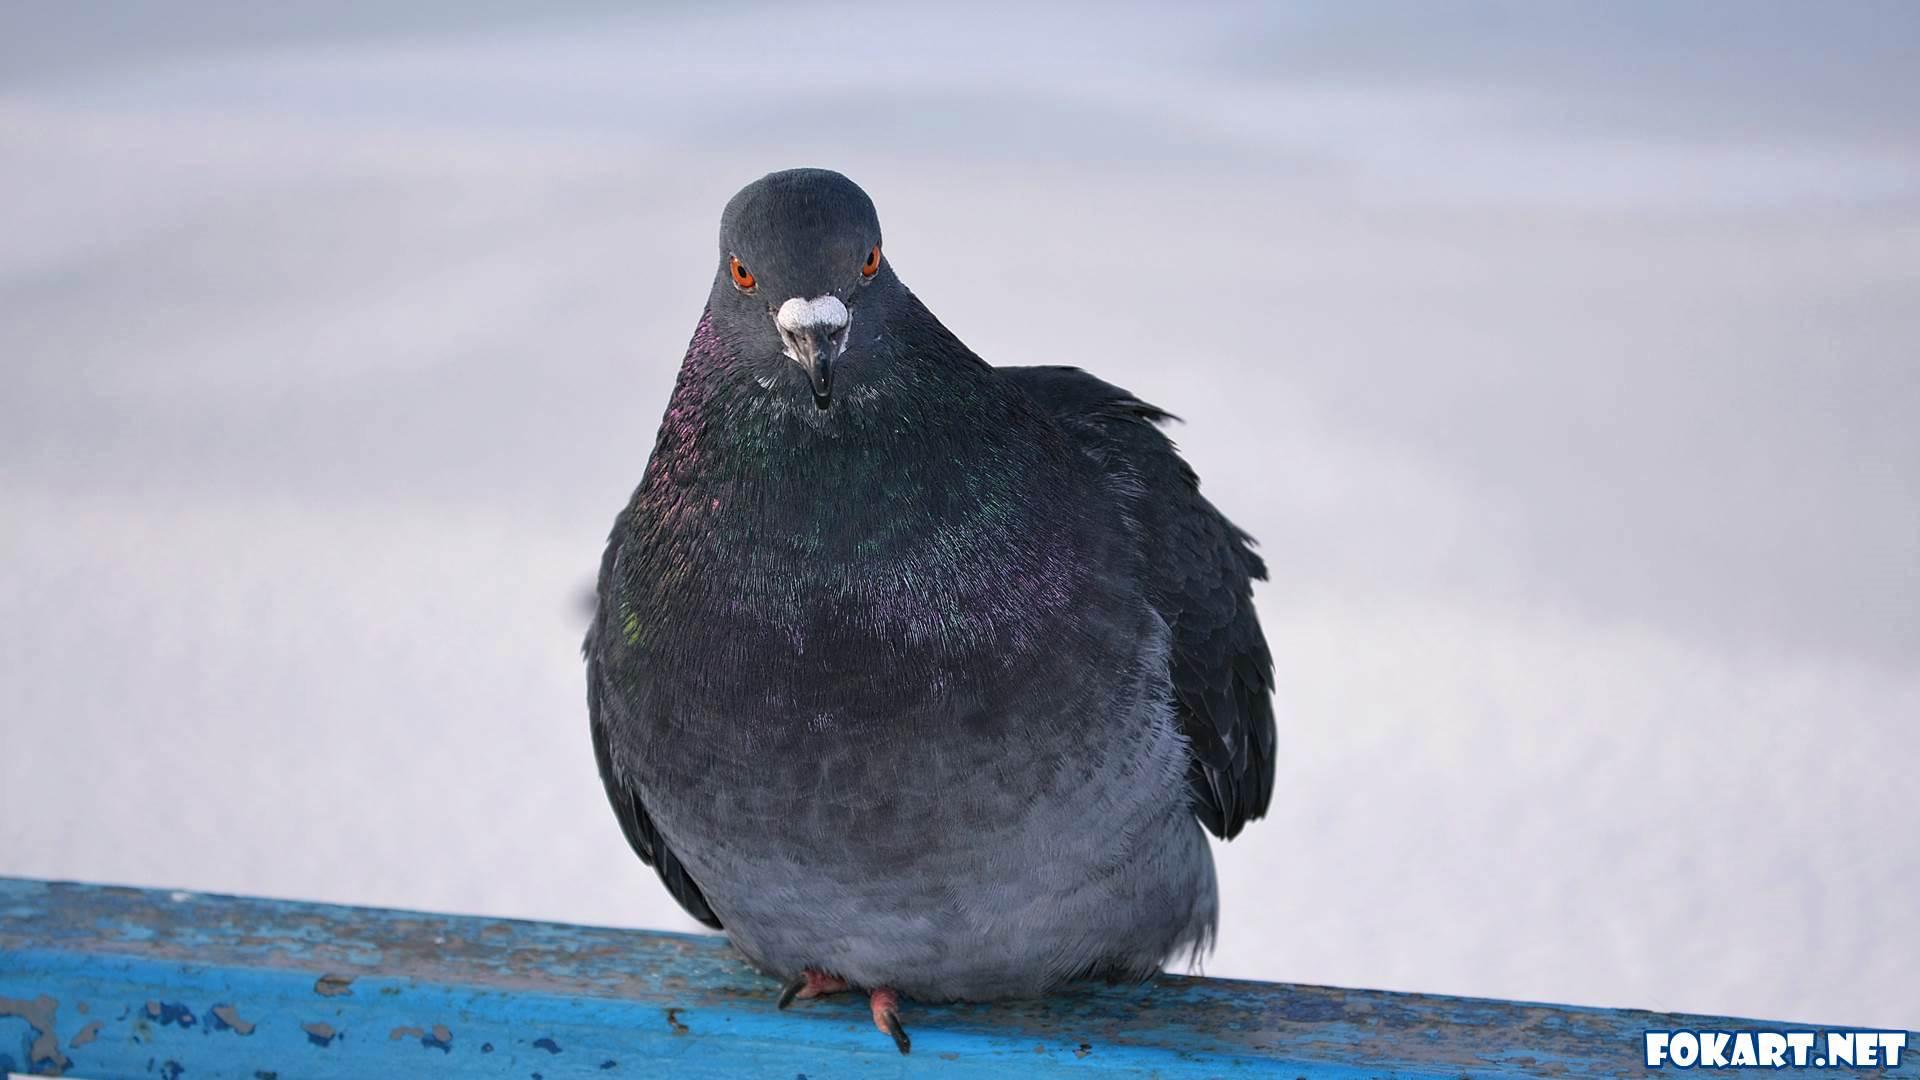 Голубь в морозный день, сидя на перилах, чередует лапки